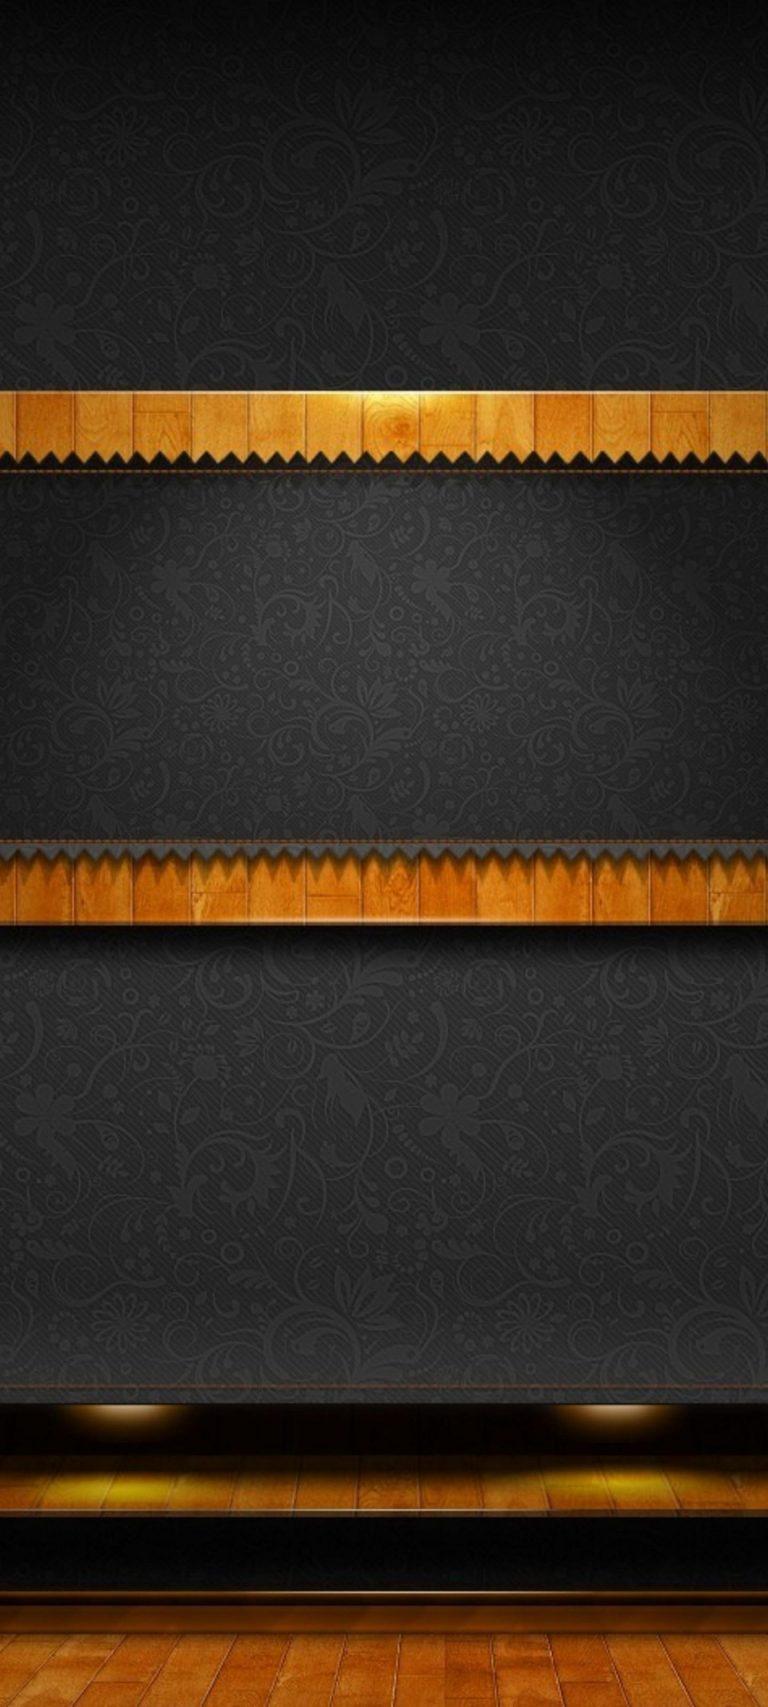 1440x3200 HD Wallpaper 114 768x1707 - 1440x3200 HD Wallpaper - 114